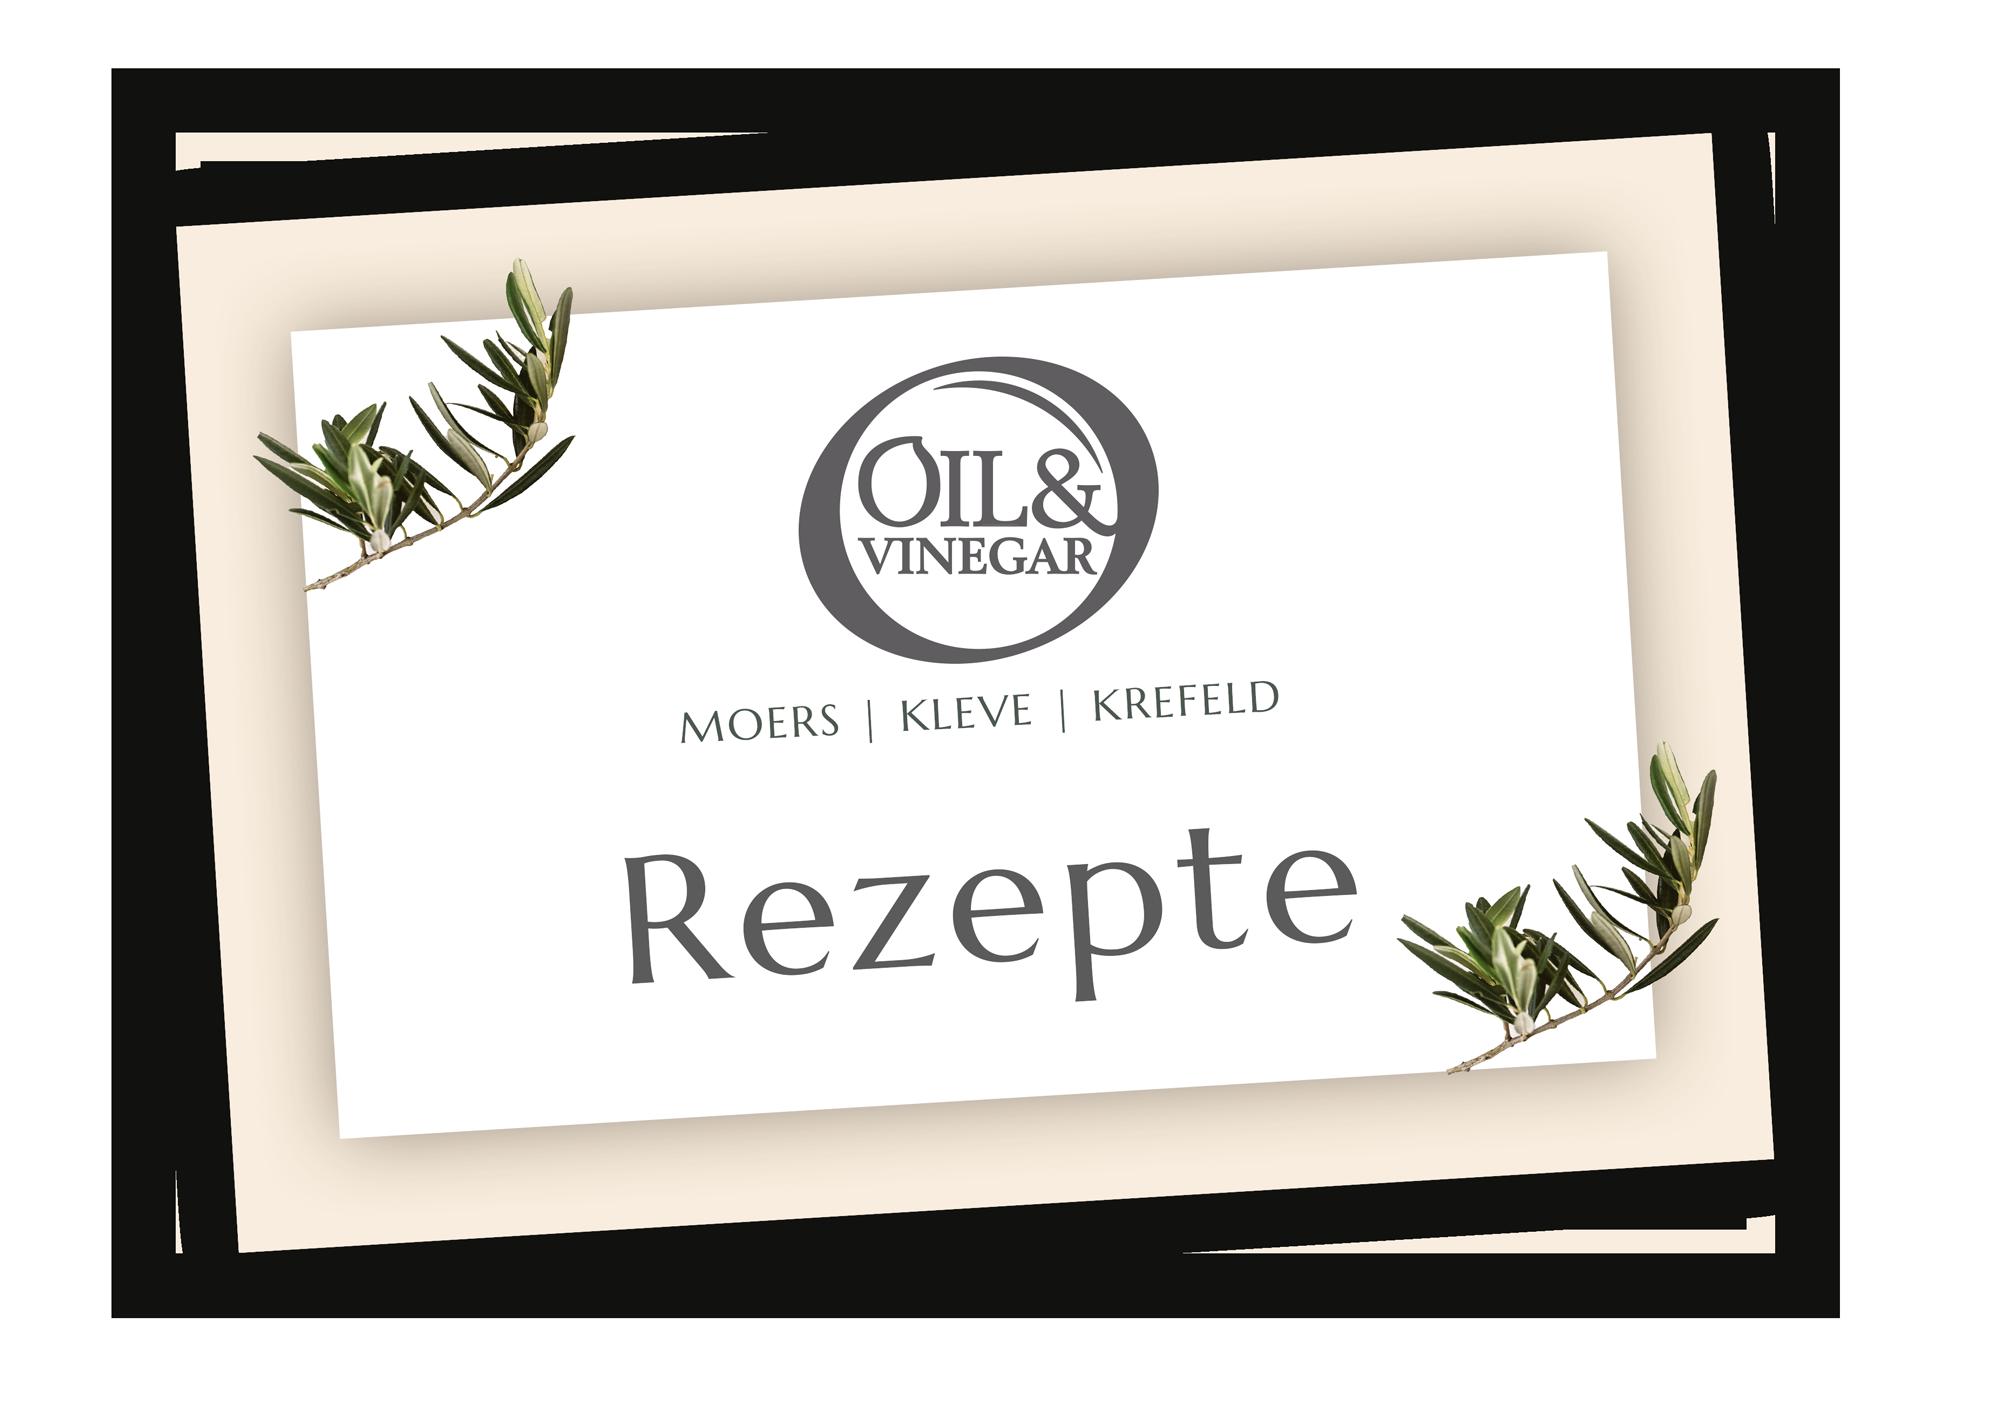 oil-and-vinegar-nrw-nordrhein-westfalen-kleve-krefeld-moers-shop-online-shop-bestellen-die-besten-rezepte-zum-nachkochen